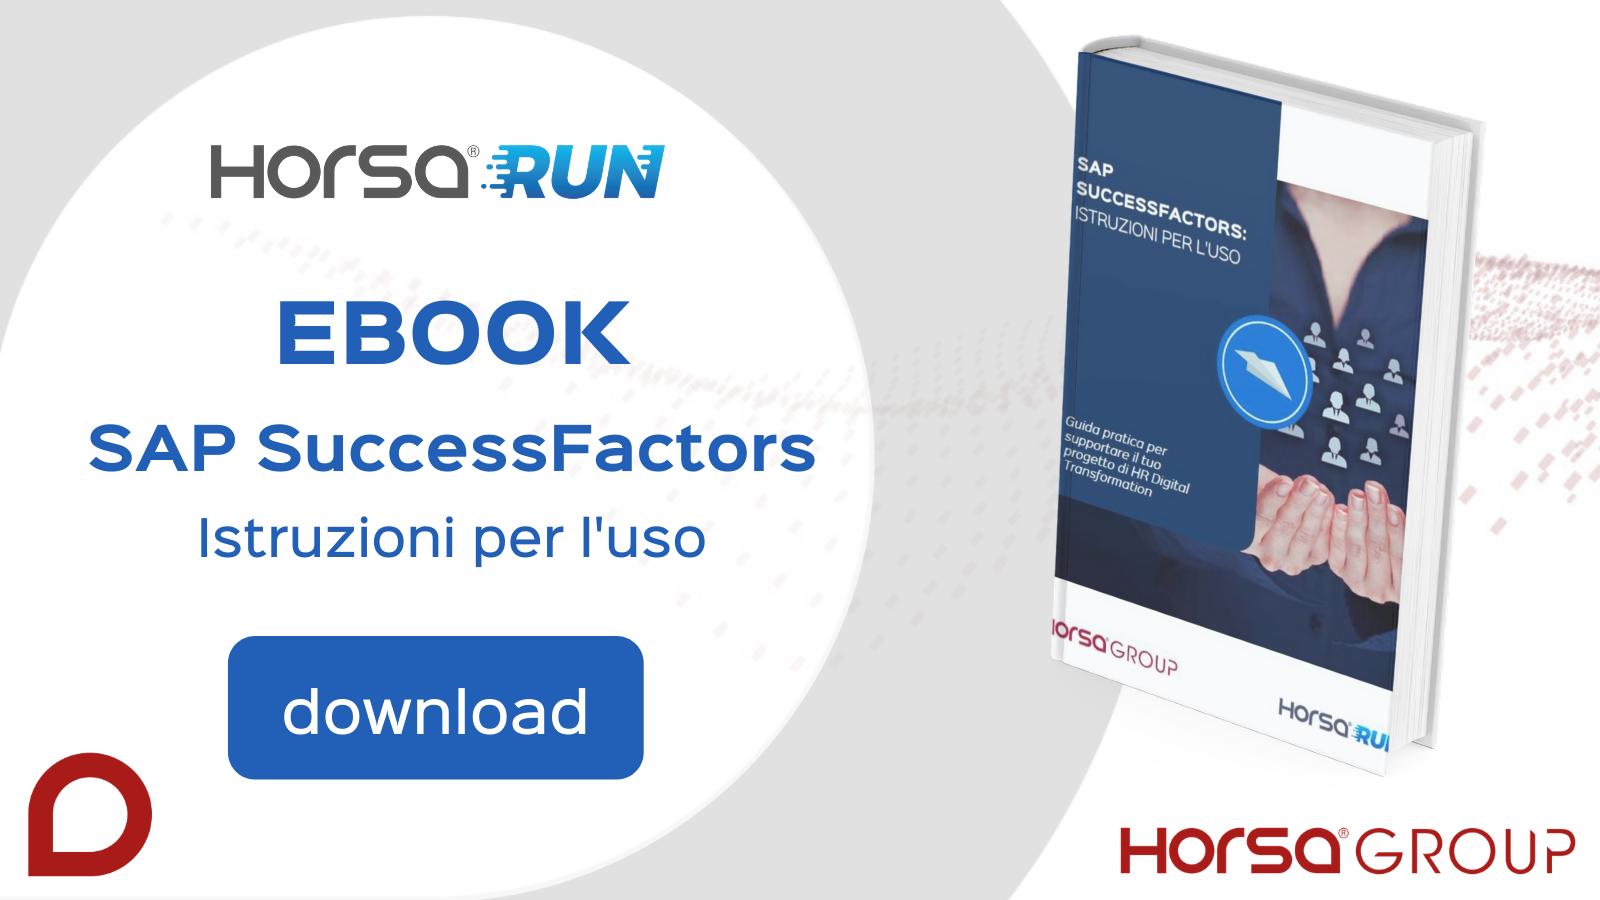 Horsa Insight - Ebook - SAP SuccessFactors